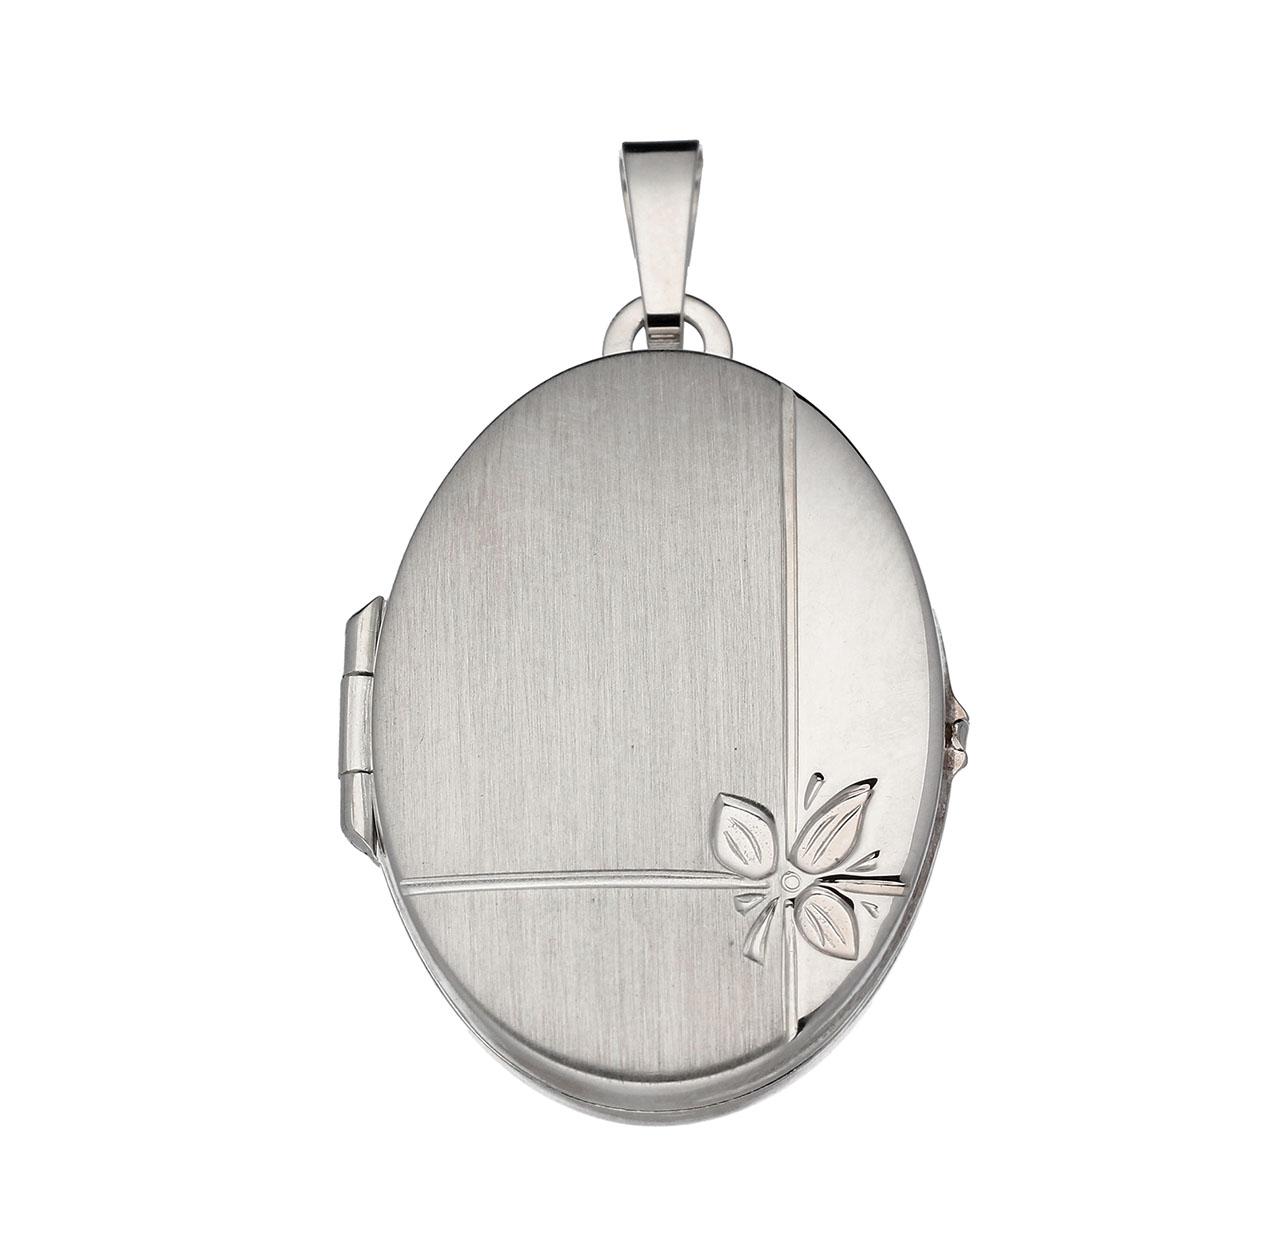 Zilveren Medaillon Ovaal Bloemmotief 21,5 mm 145.0026.00